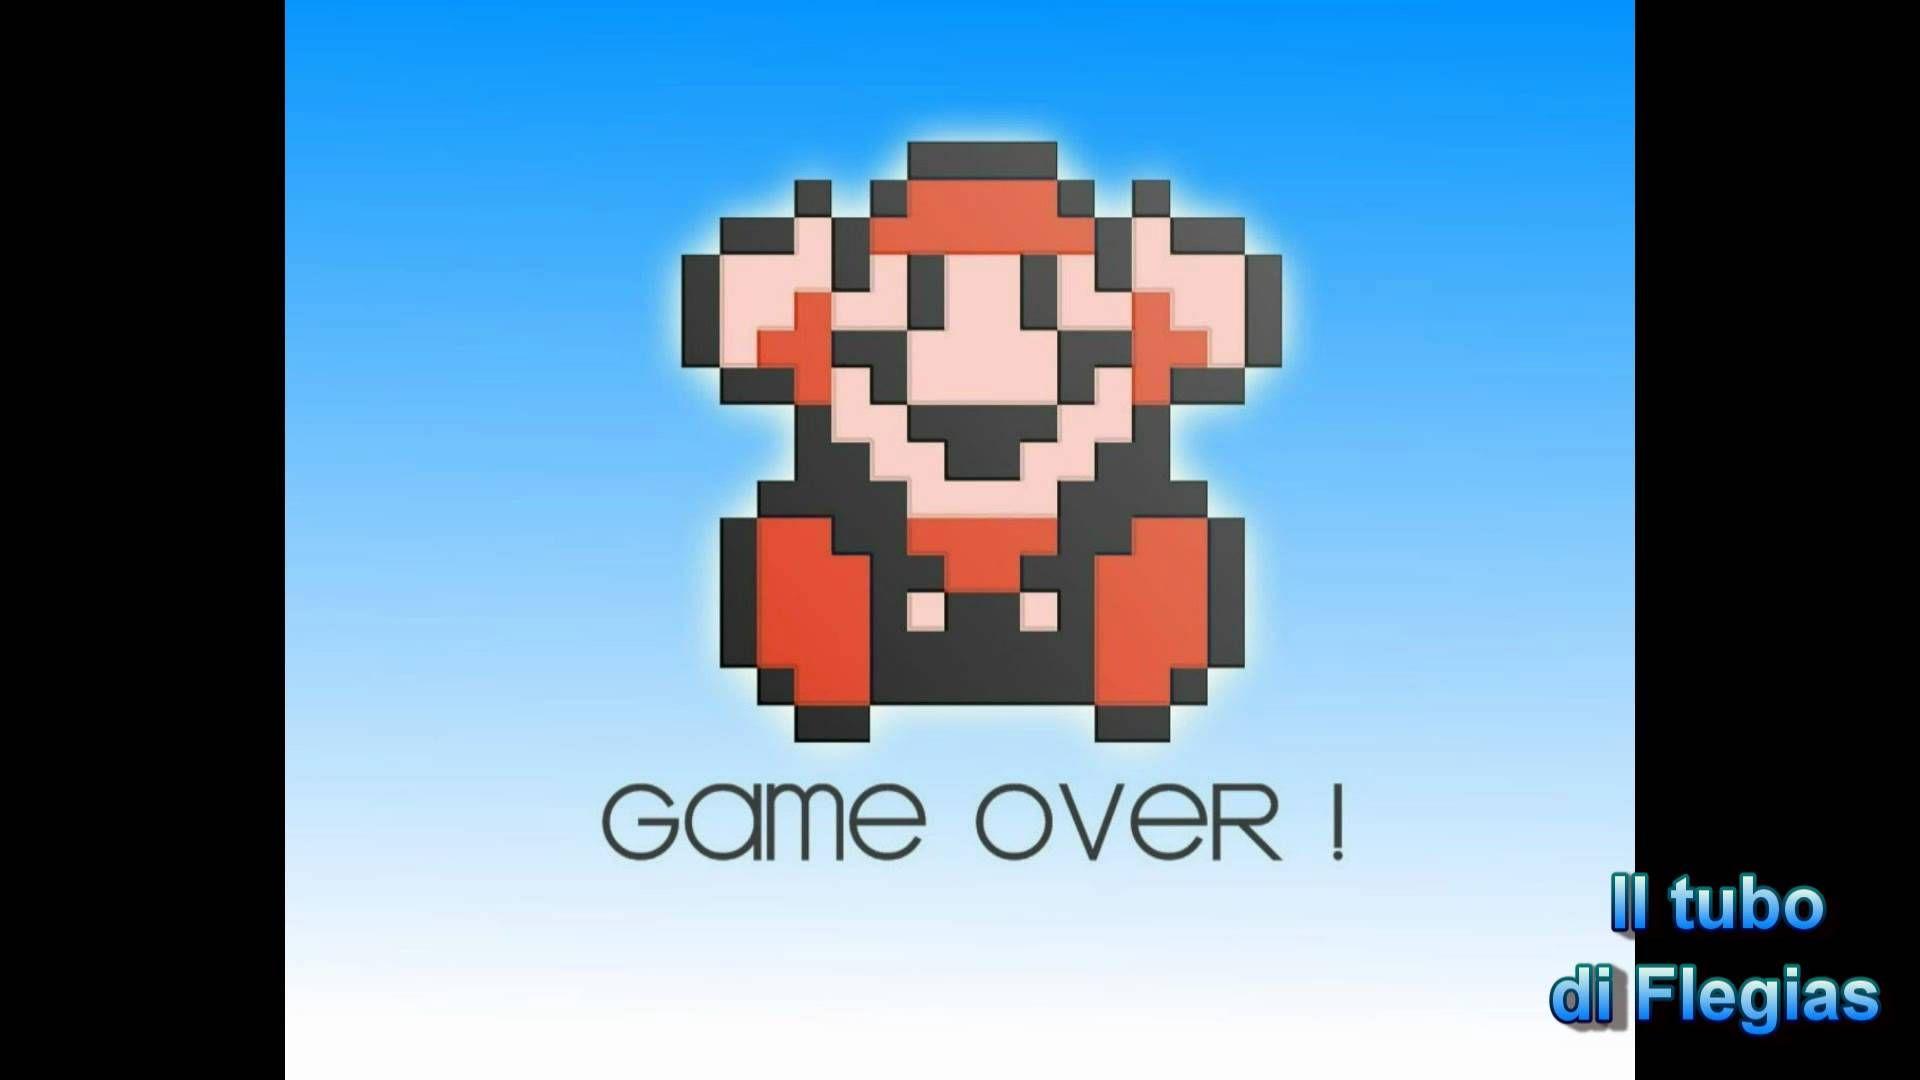 super mario bros game over sound effect youtube mario